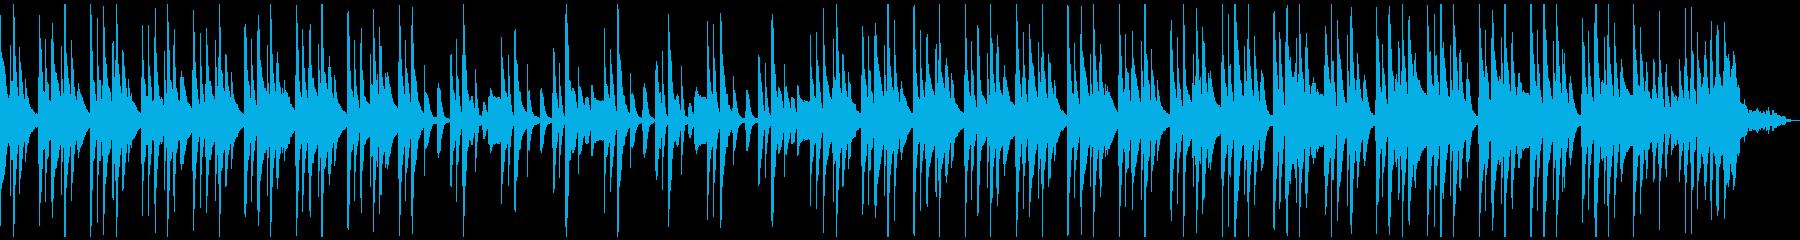 生音系・のんびりお気楽なウクレレと口笛の再生済みの波形